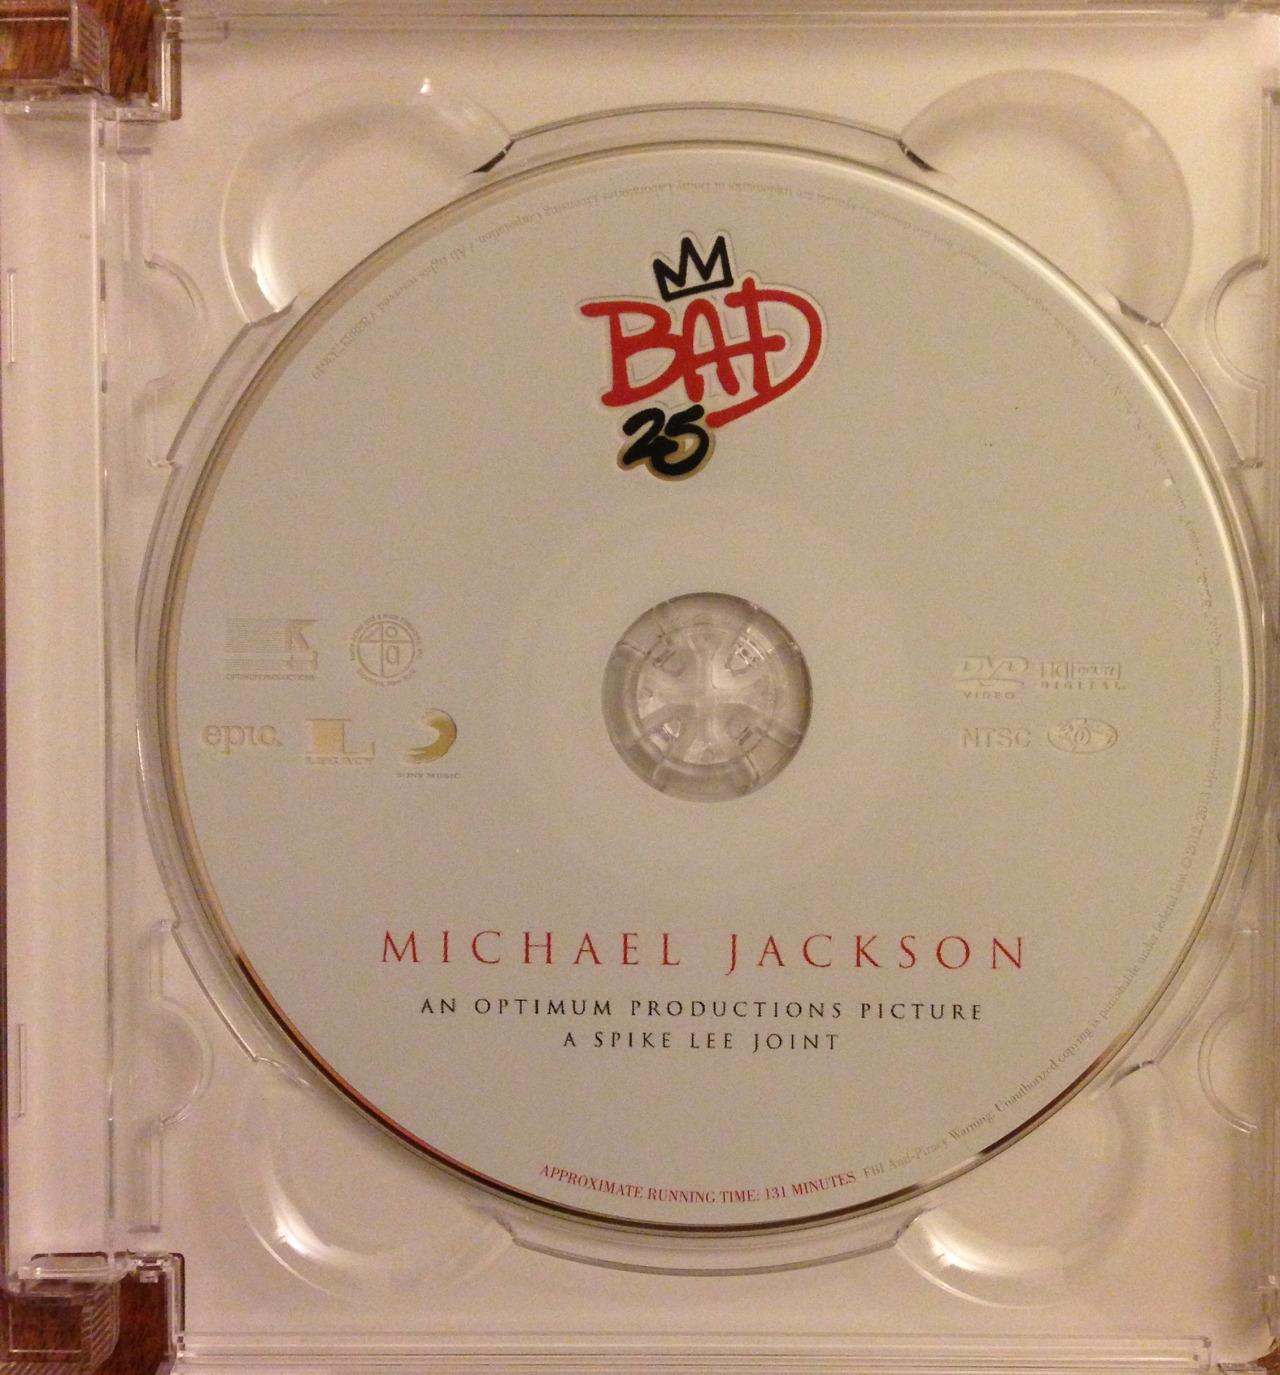 """Spike Lee realizza il documentario """"Bad 25"""" - Pagina 17 Tumblr_mpamqmWq4E1rfrq7do6_1280"""